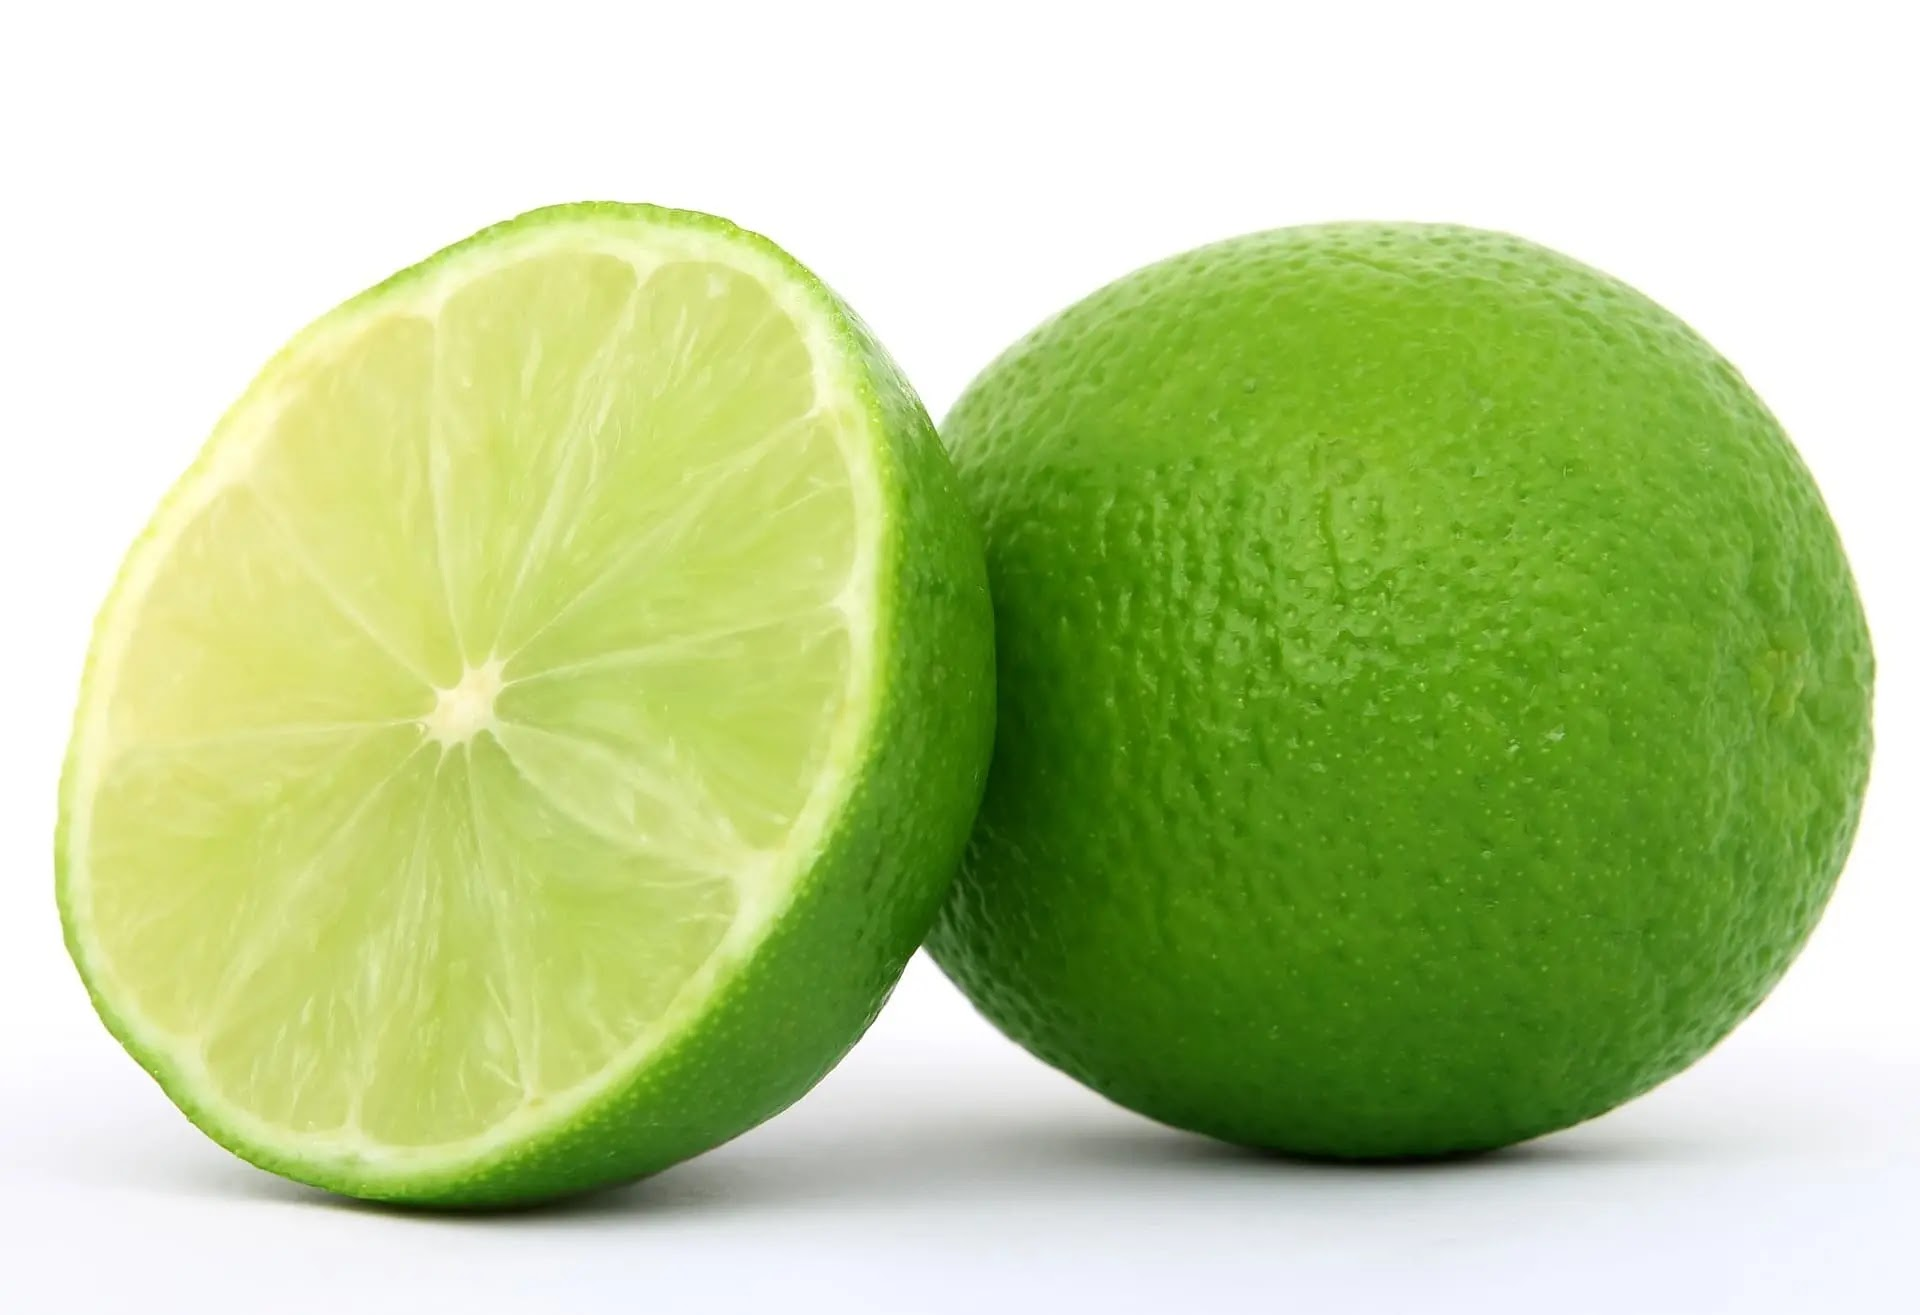 فوائد الليمون للتخسيس وحرق الدهون l وصفات منزلية